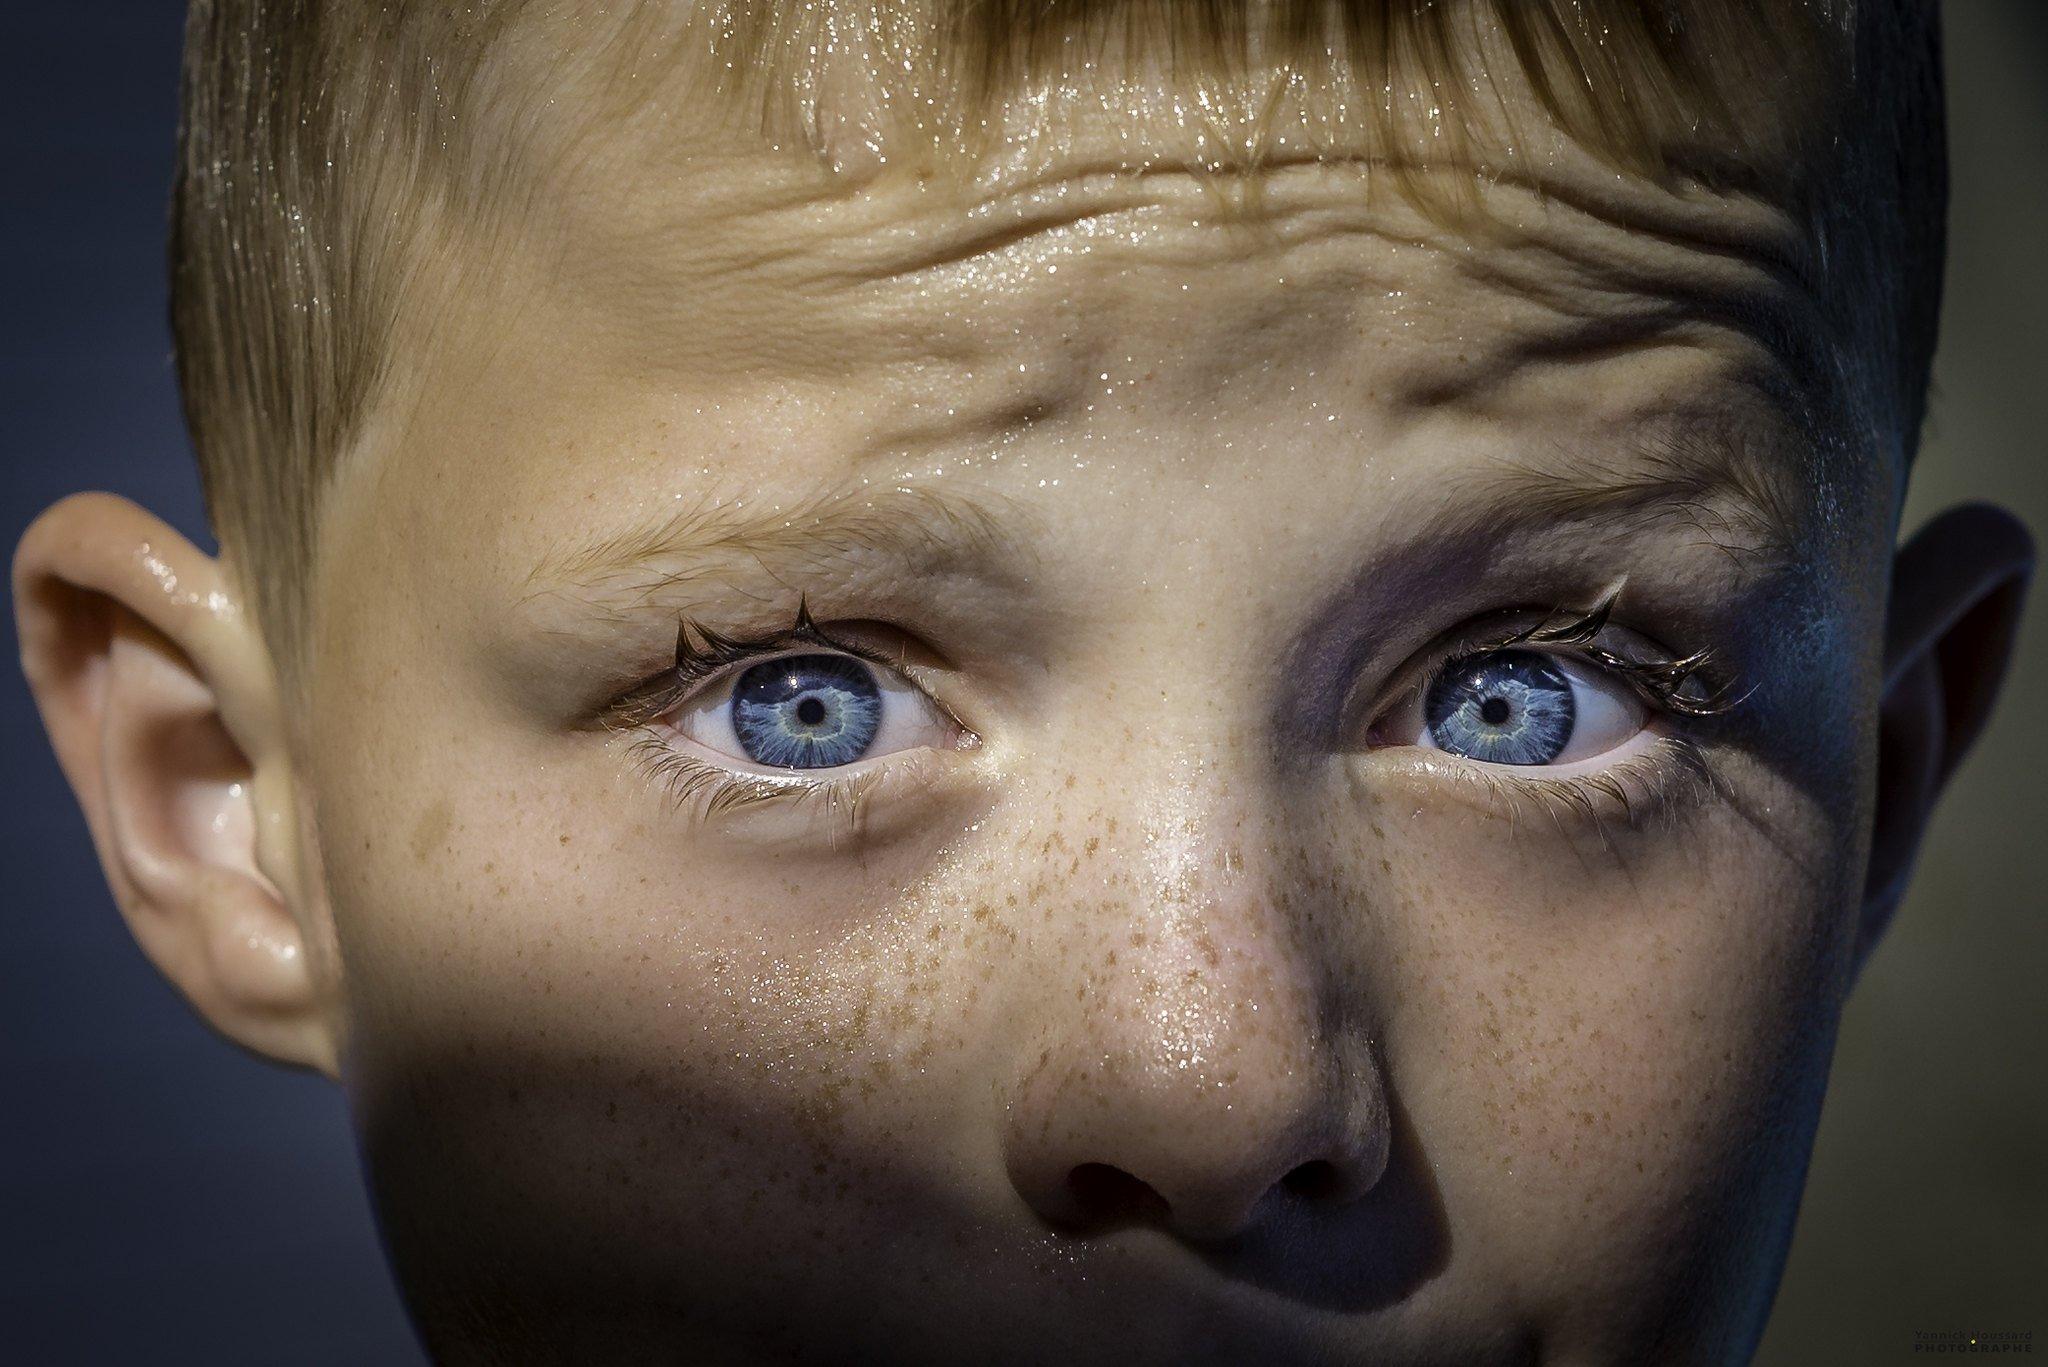 yannick houssard flickr.jpg?resize=412,232 - Saviez-vous que toutes les personnes aux yeux bleus descendent du même ancêtre ?